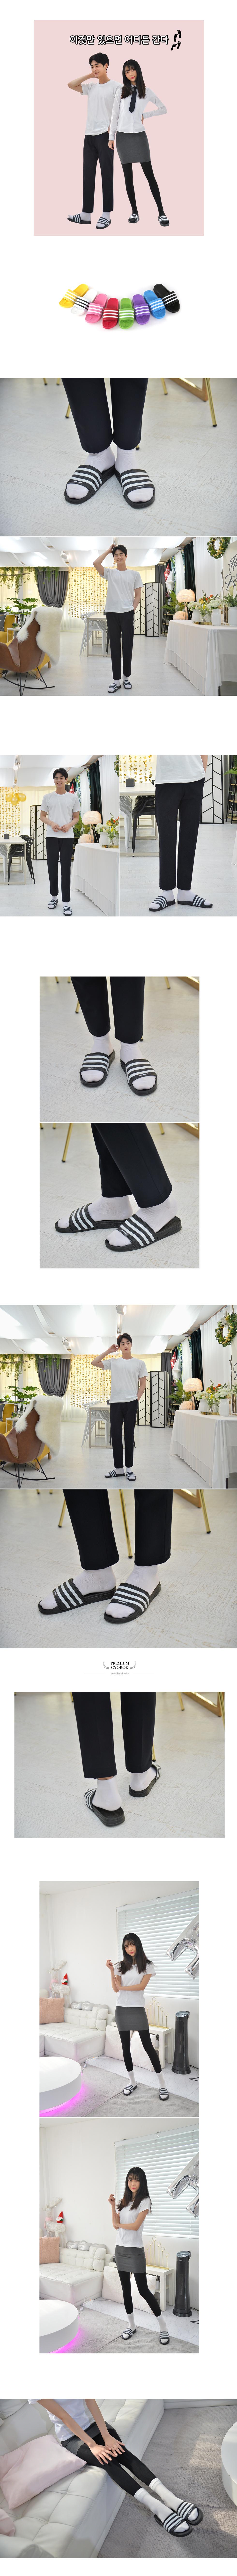 교복 필수템 삼선슬리퍼_블랙 - 교복몰, 3,200원, 여성양말, 패션양말